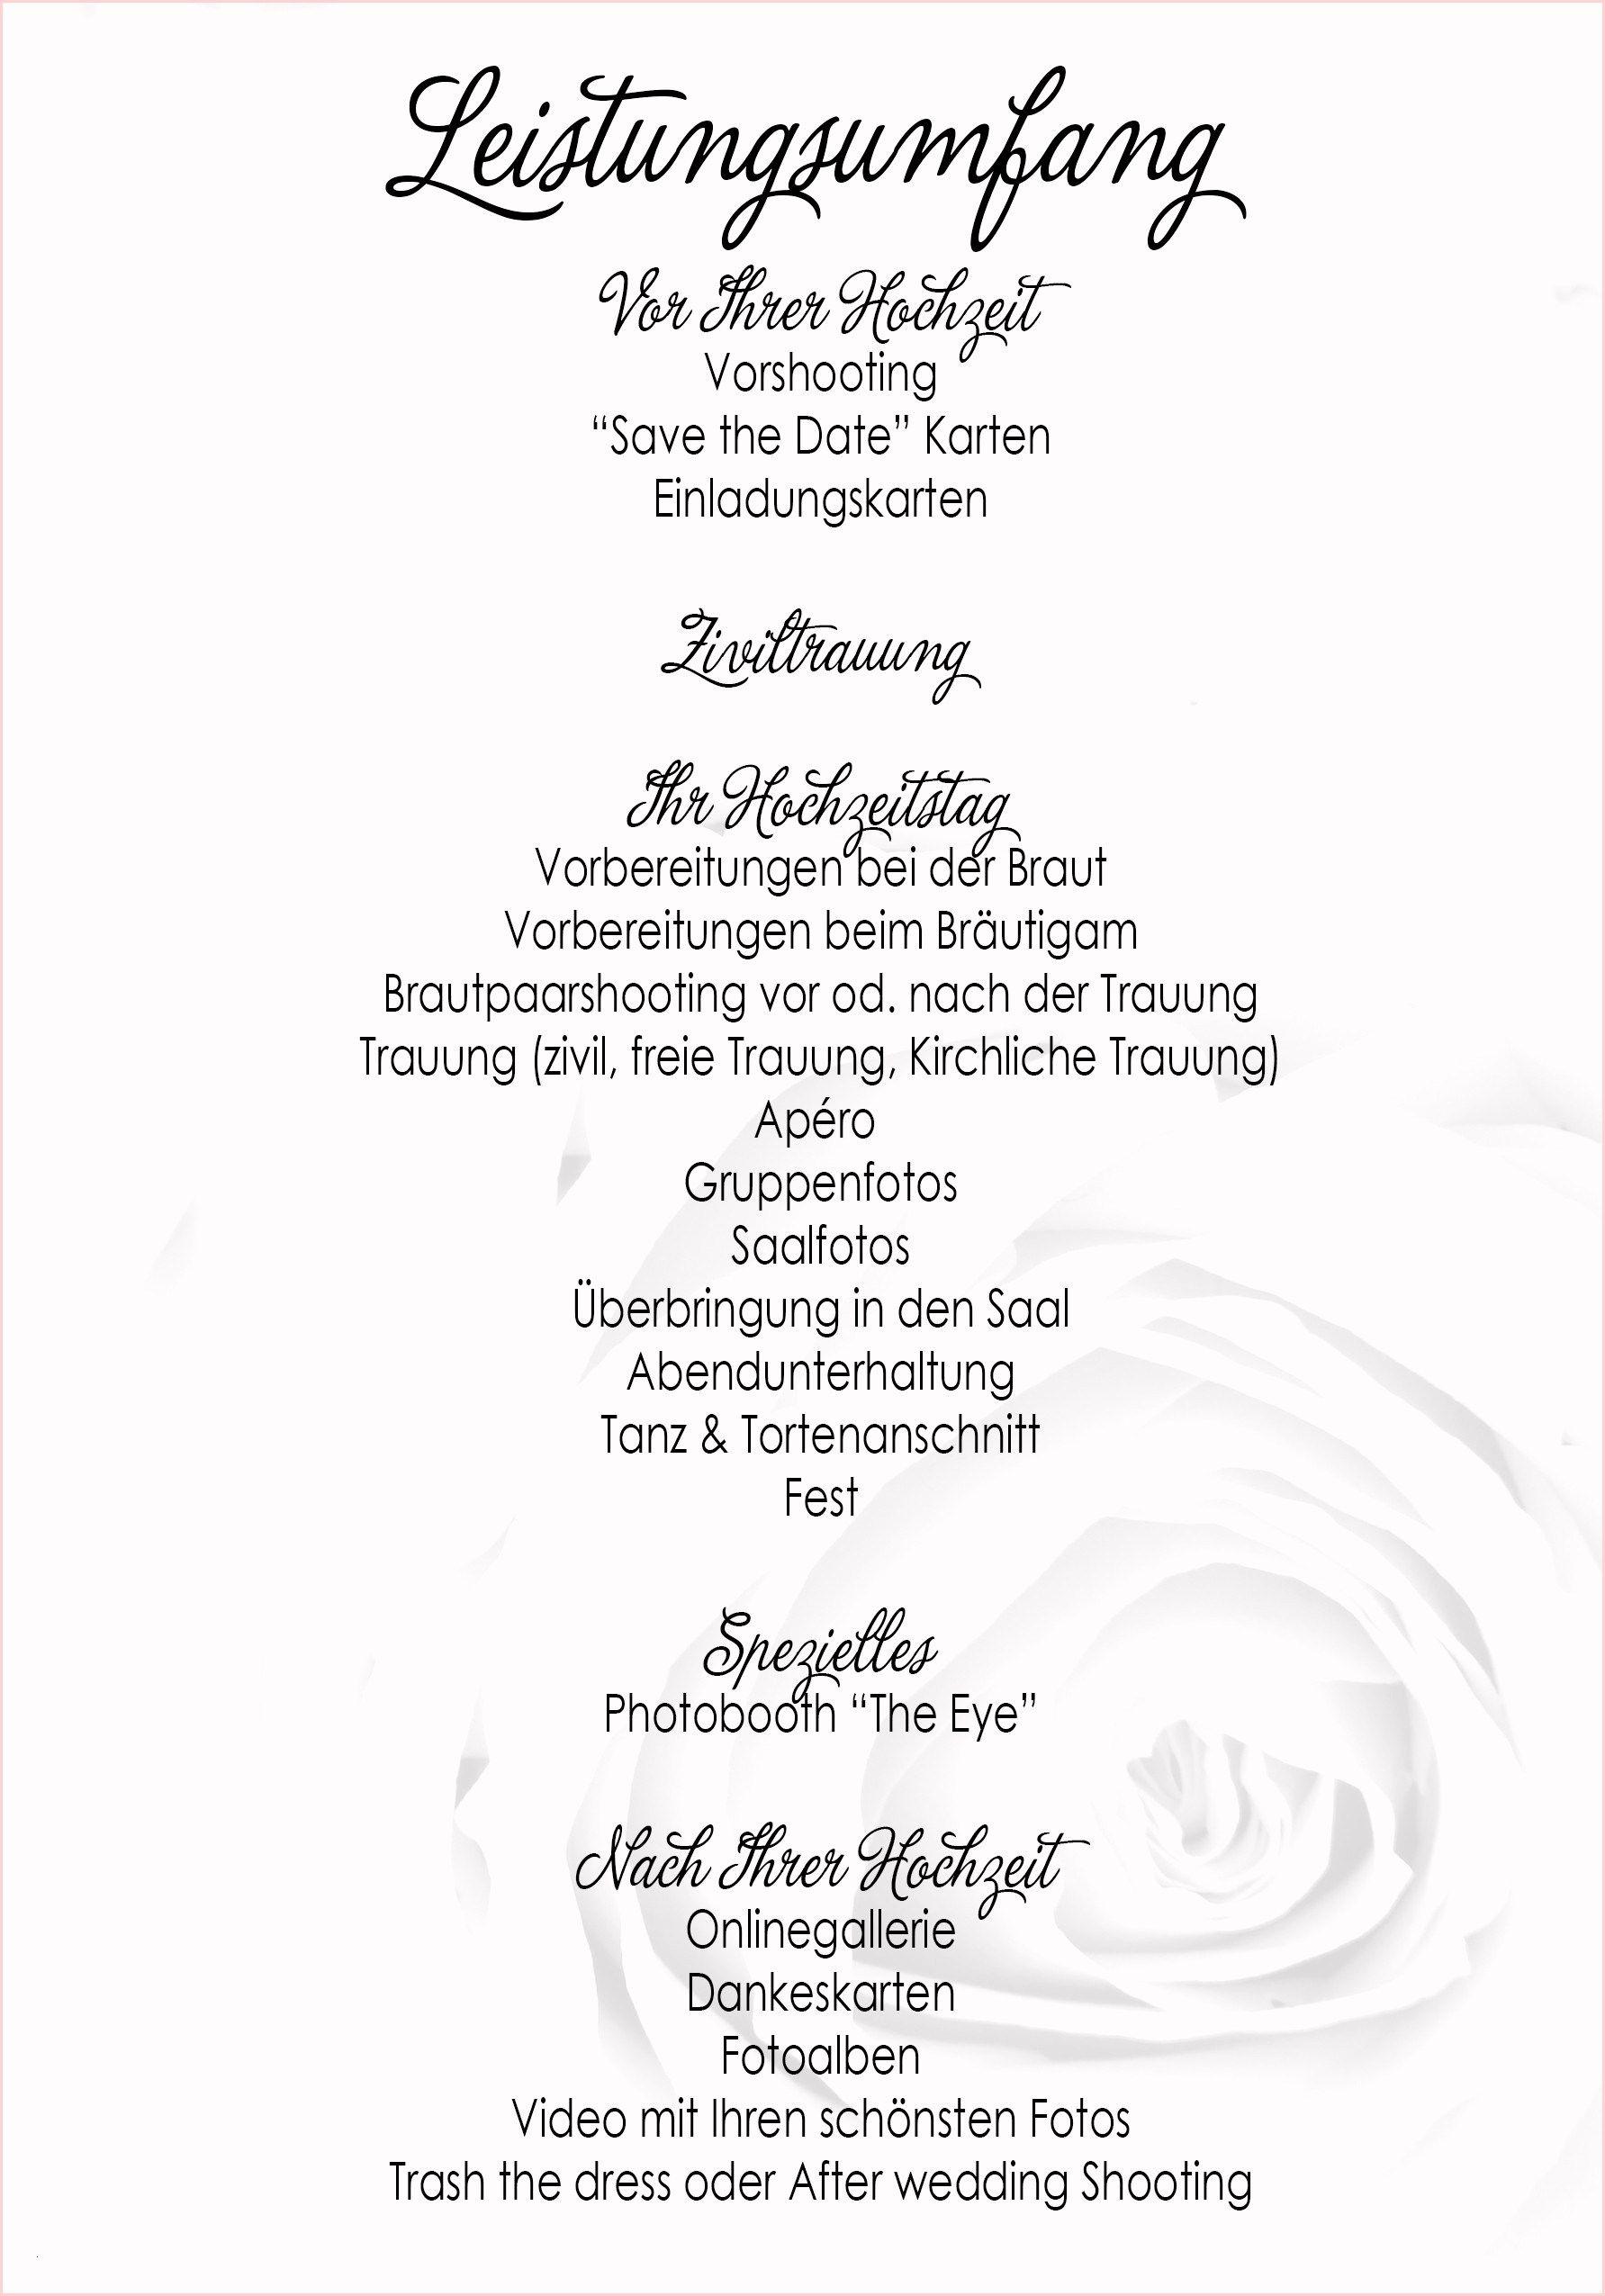 Kurzhaarfrisuren Fur Manner Einladung Geburtstag Lustig Danksagung Hochzeit Einladungen